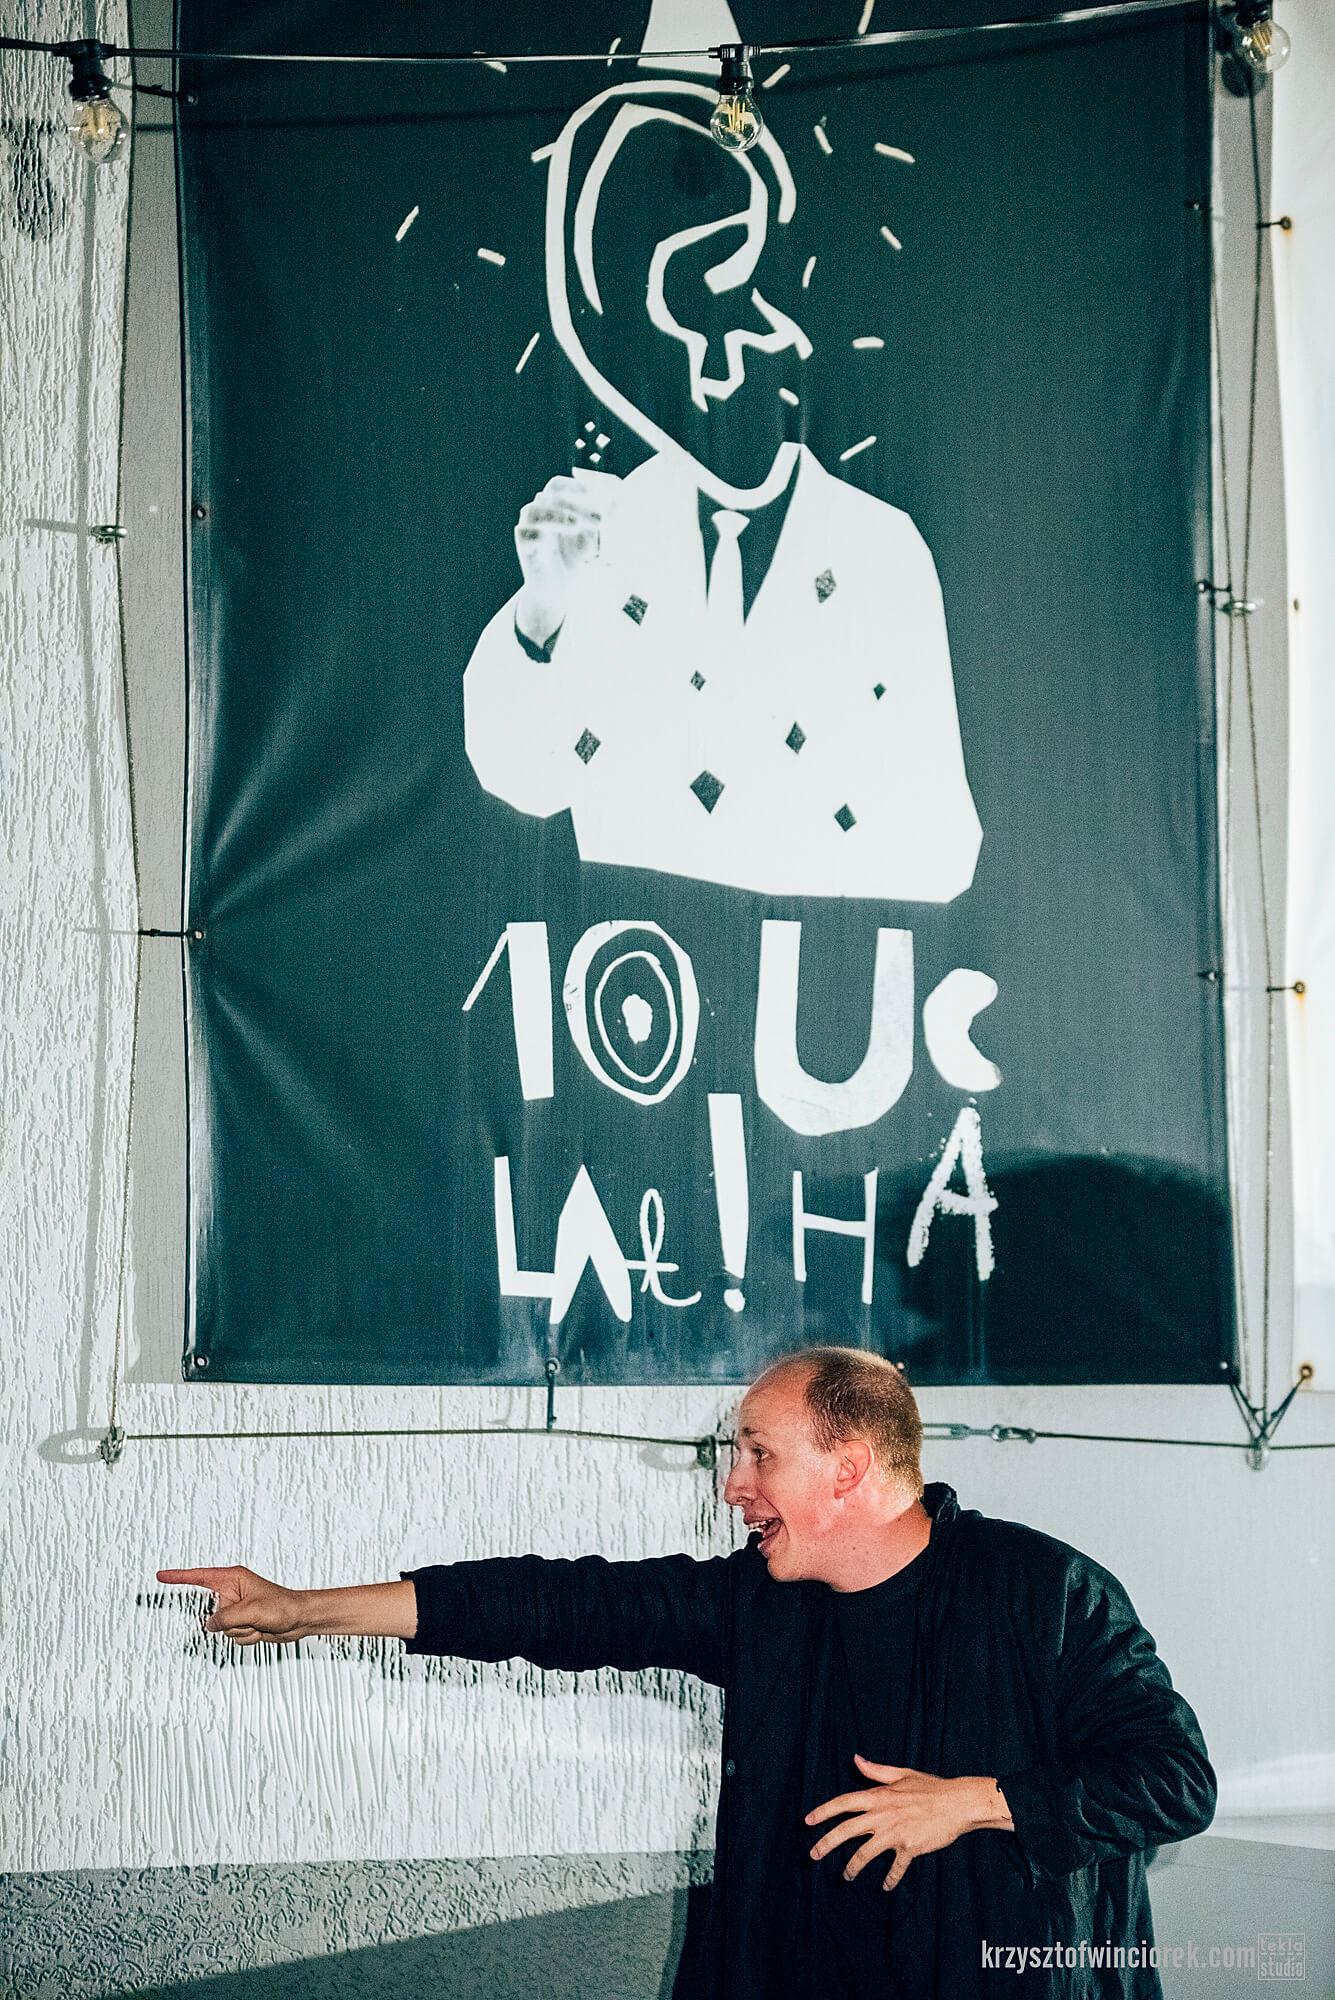 Zdjęcie z festiwalu Pociąg do miasta. Aktor z wyciągniętą w lewo reką i wskazującym palcem. Za nim na ścianie baner z napisem 10 lat ucha.